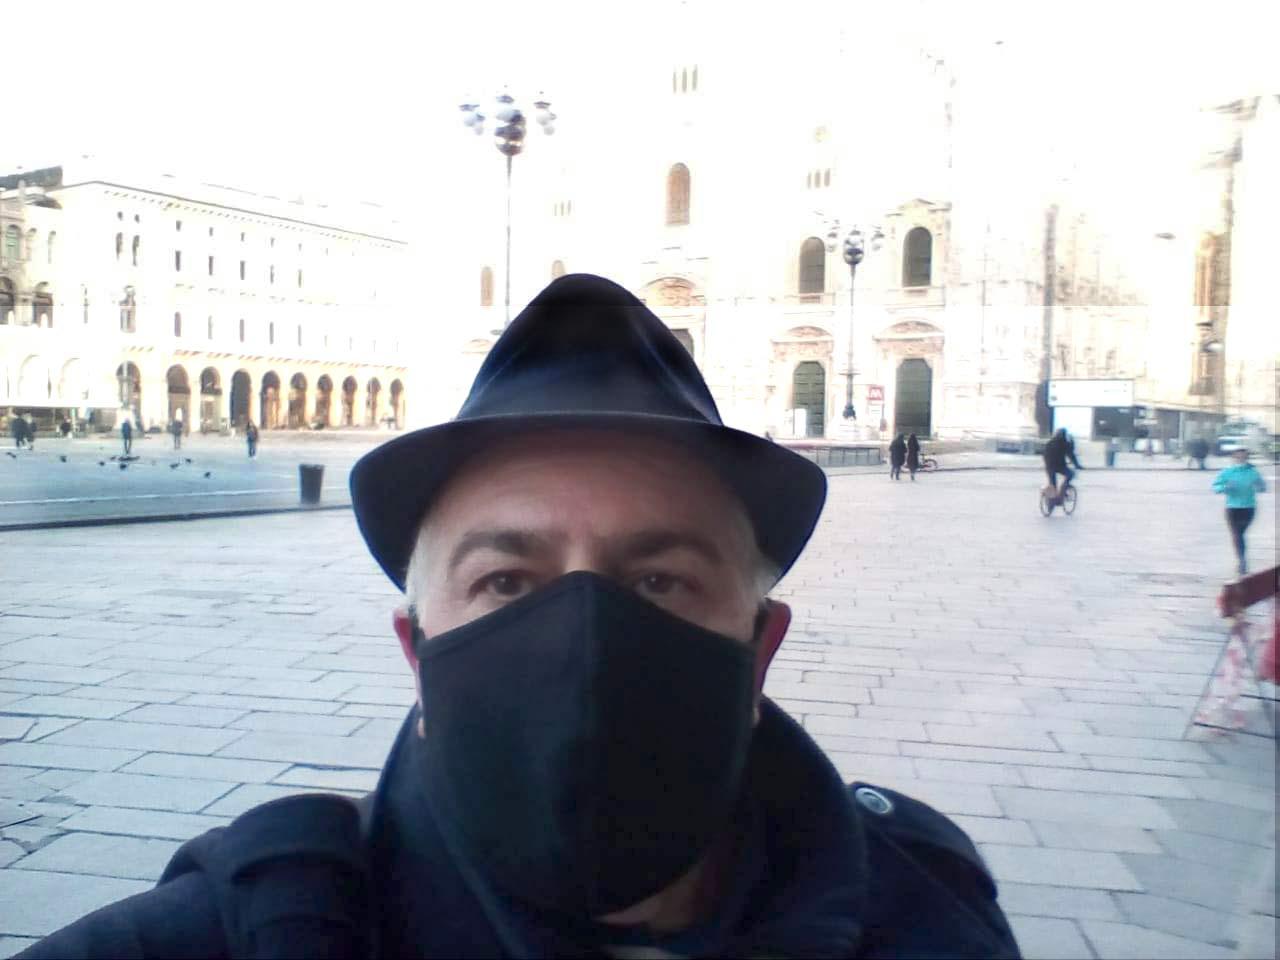 Itm-37-2-Piazza-del-Duomo-2